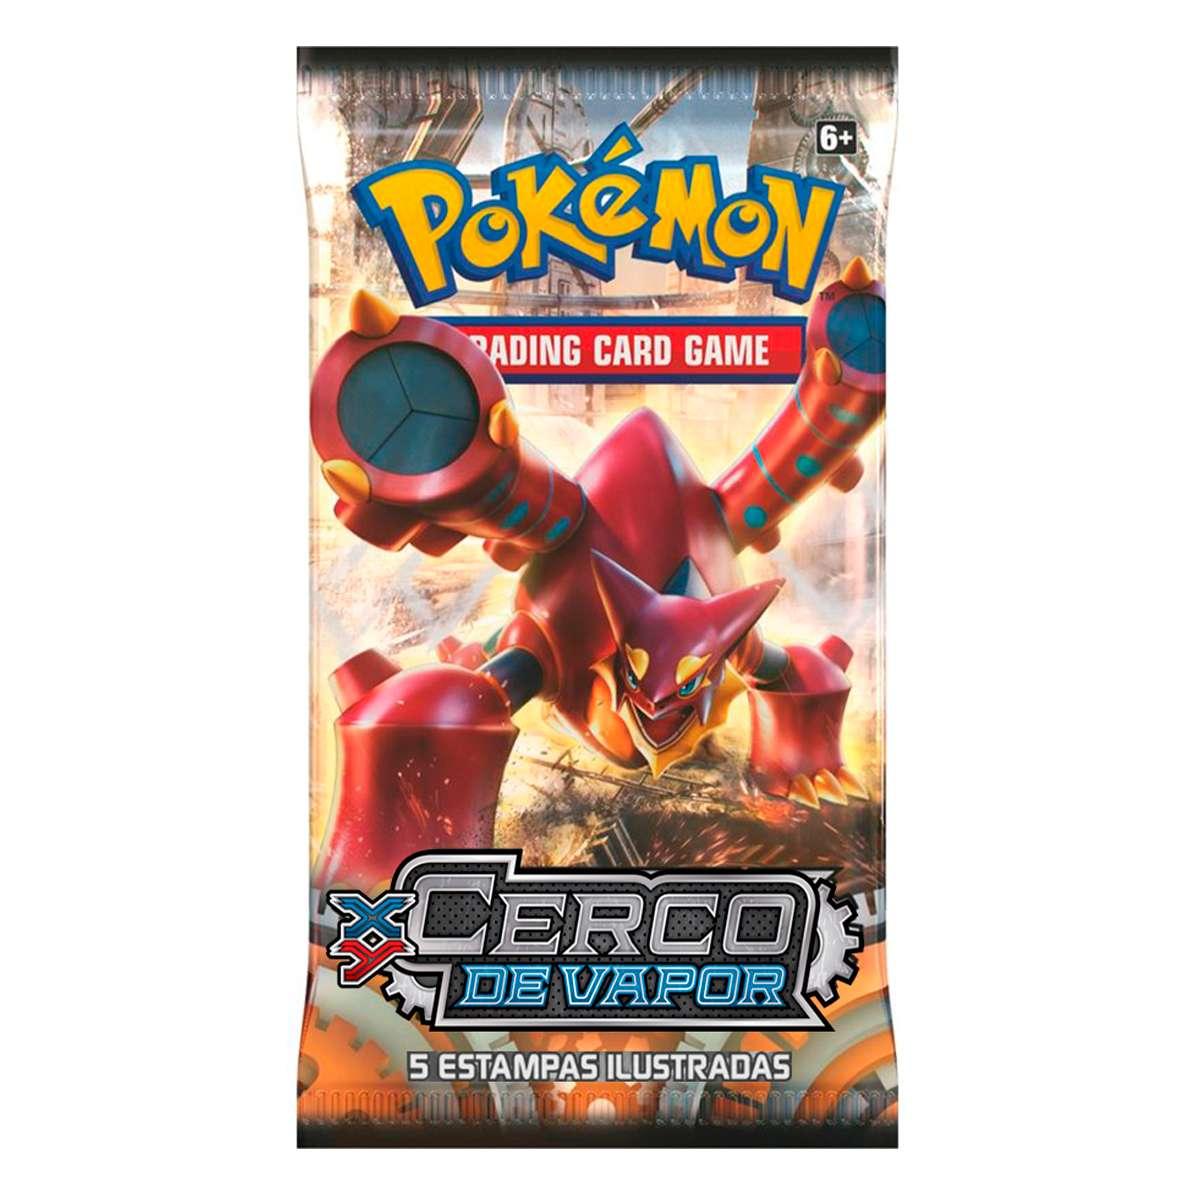 Pokémon Booster XY 11 Cerco de Vapor